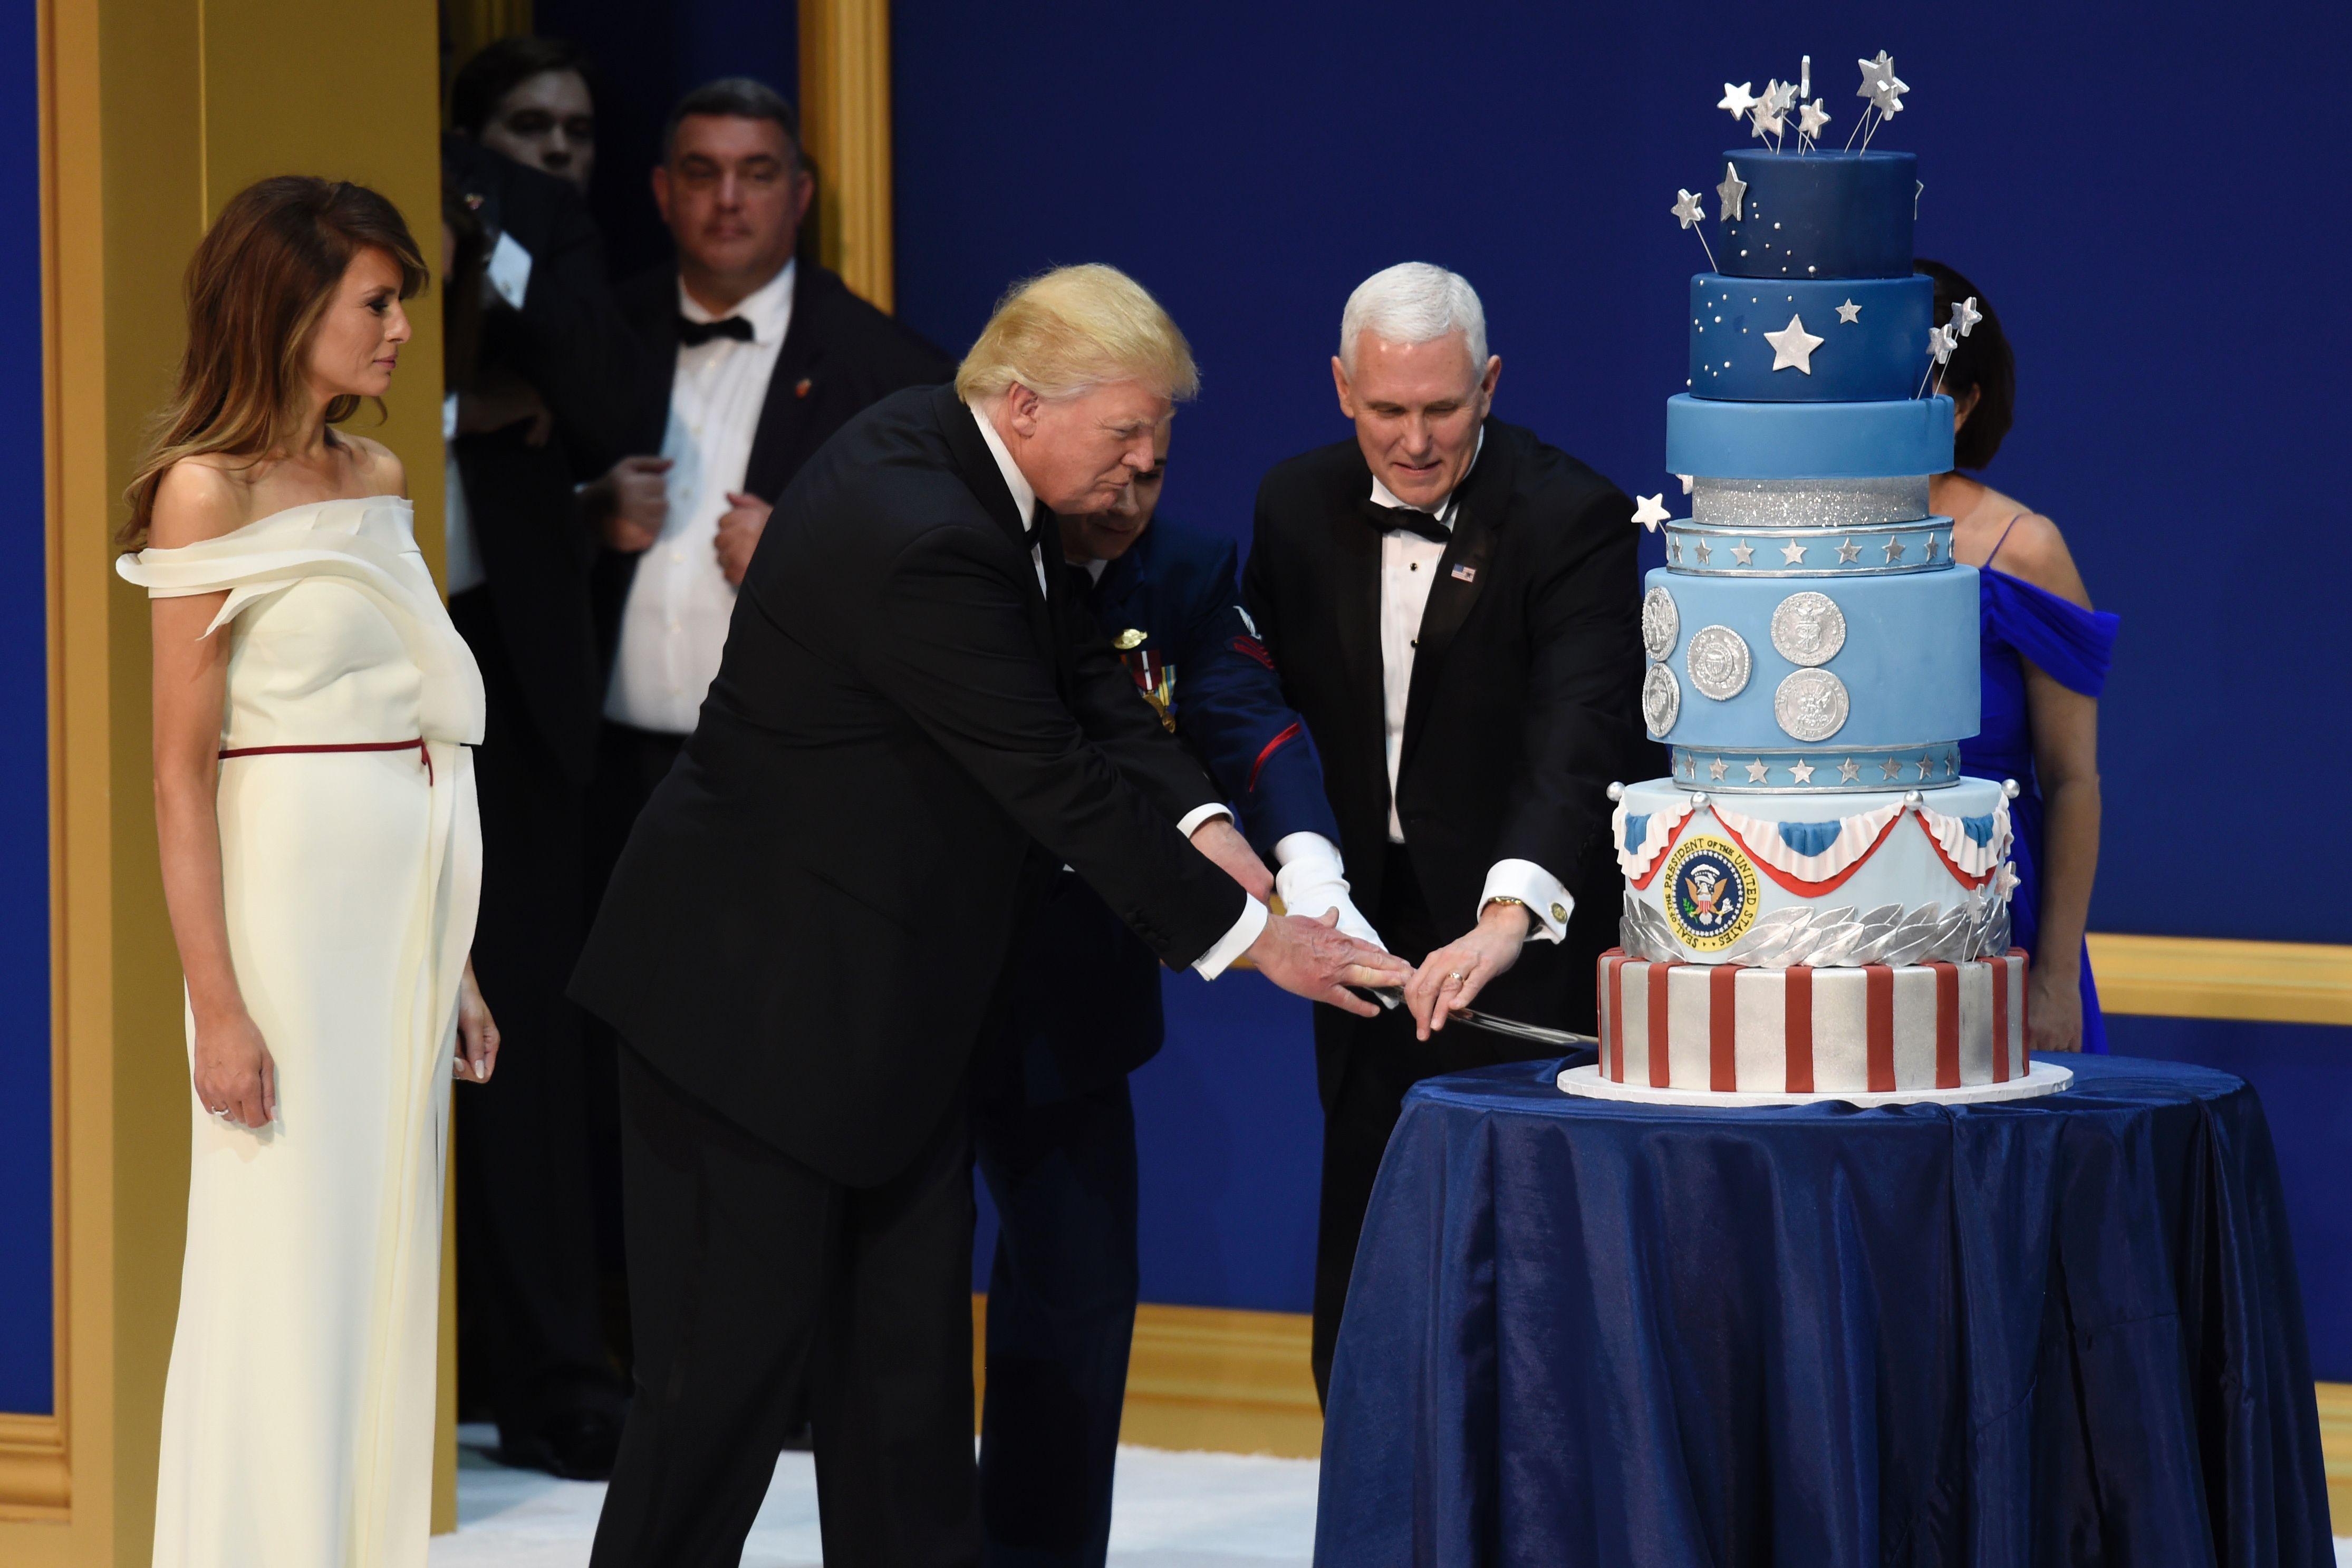 ترامب يقطع تورتة الاحتفال